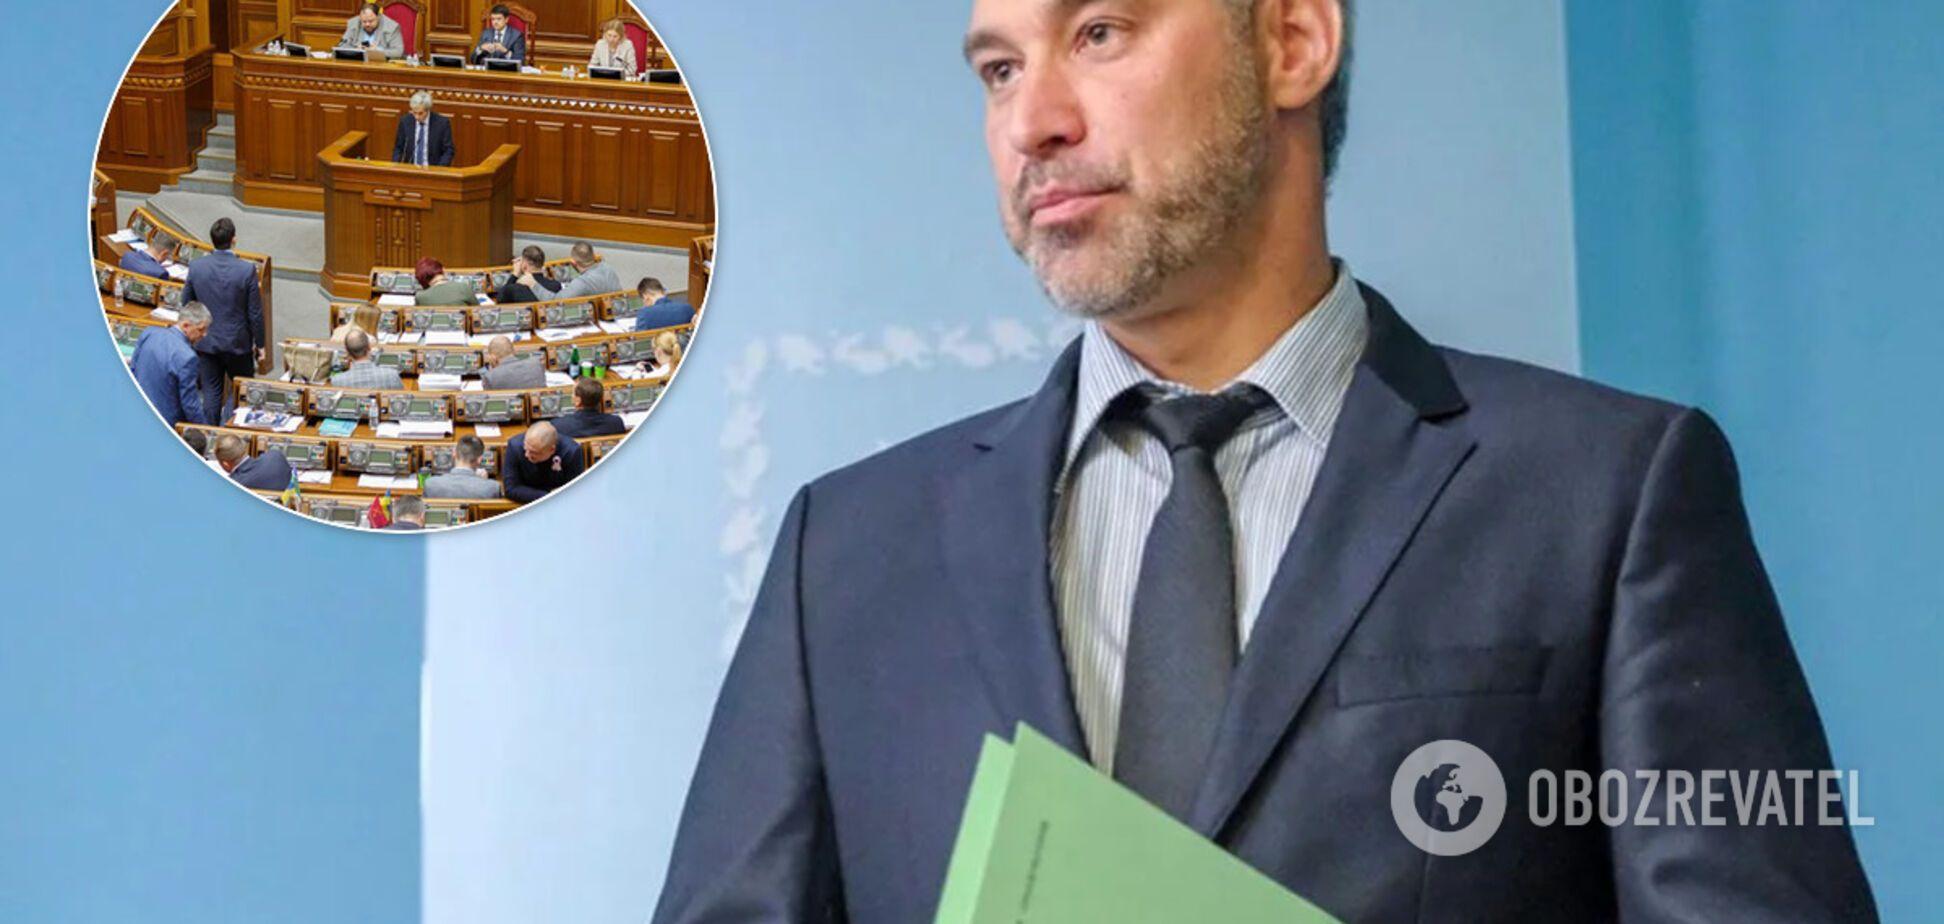 Рада назначила внеочередное заседание, чтобы уволить Рябошапку